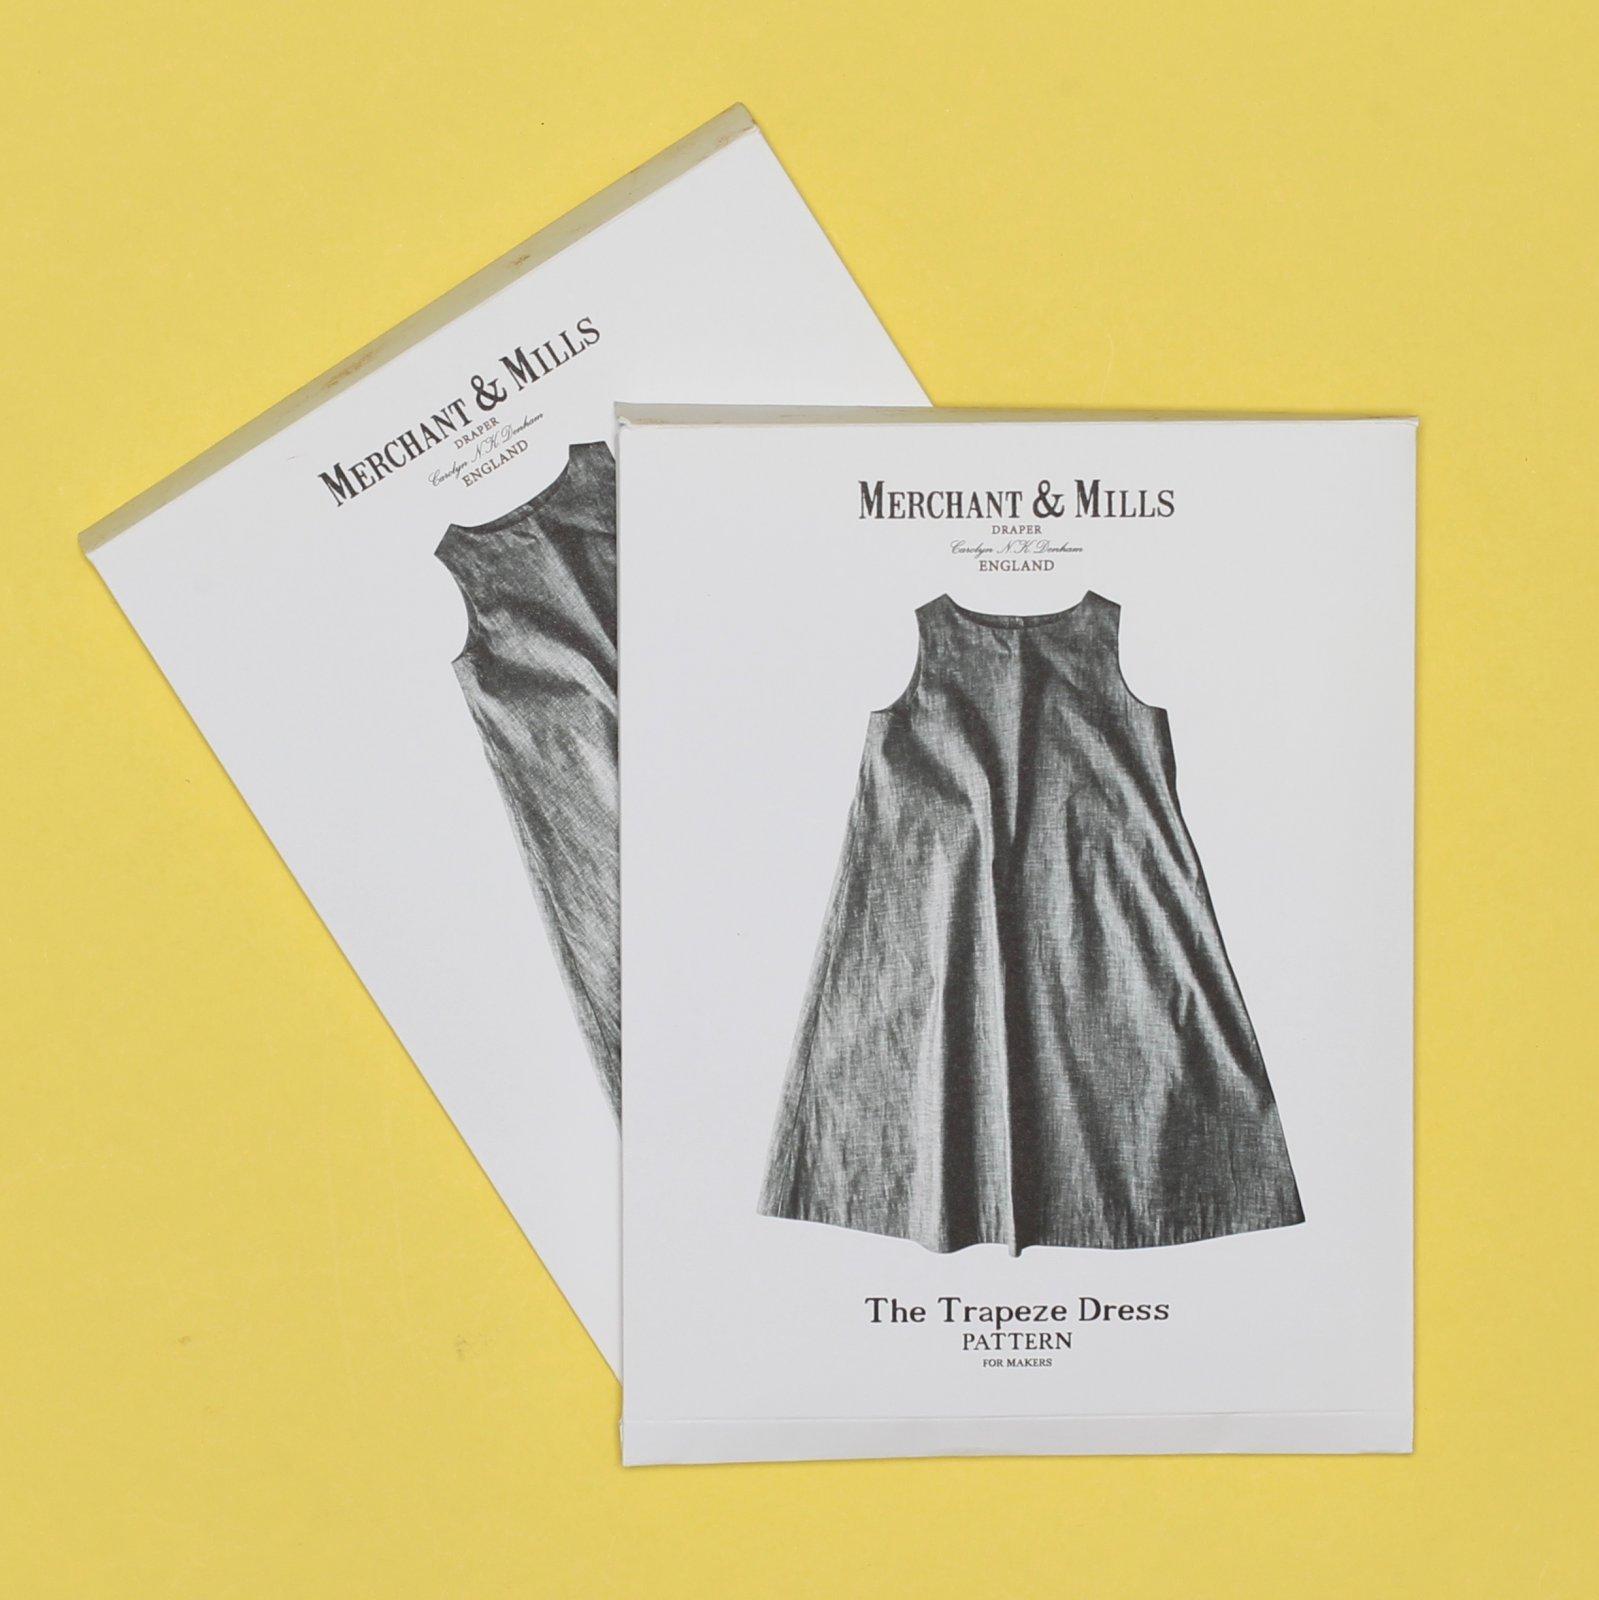 M&M PATTERN THE TRAPEZE DRESS